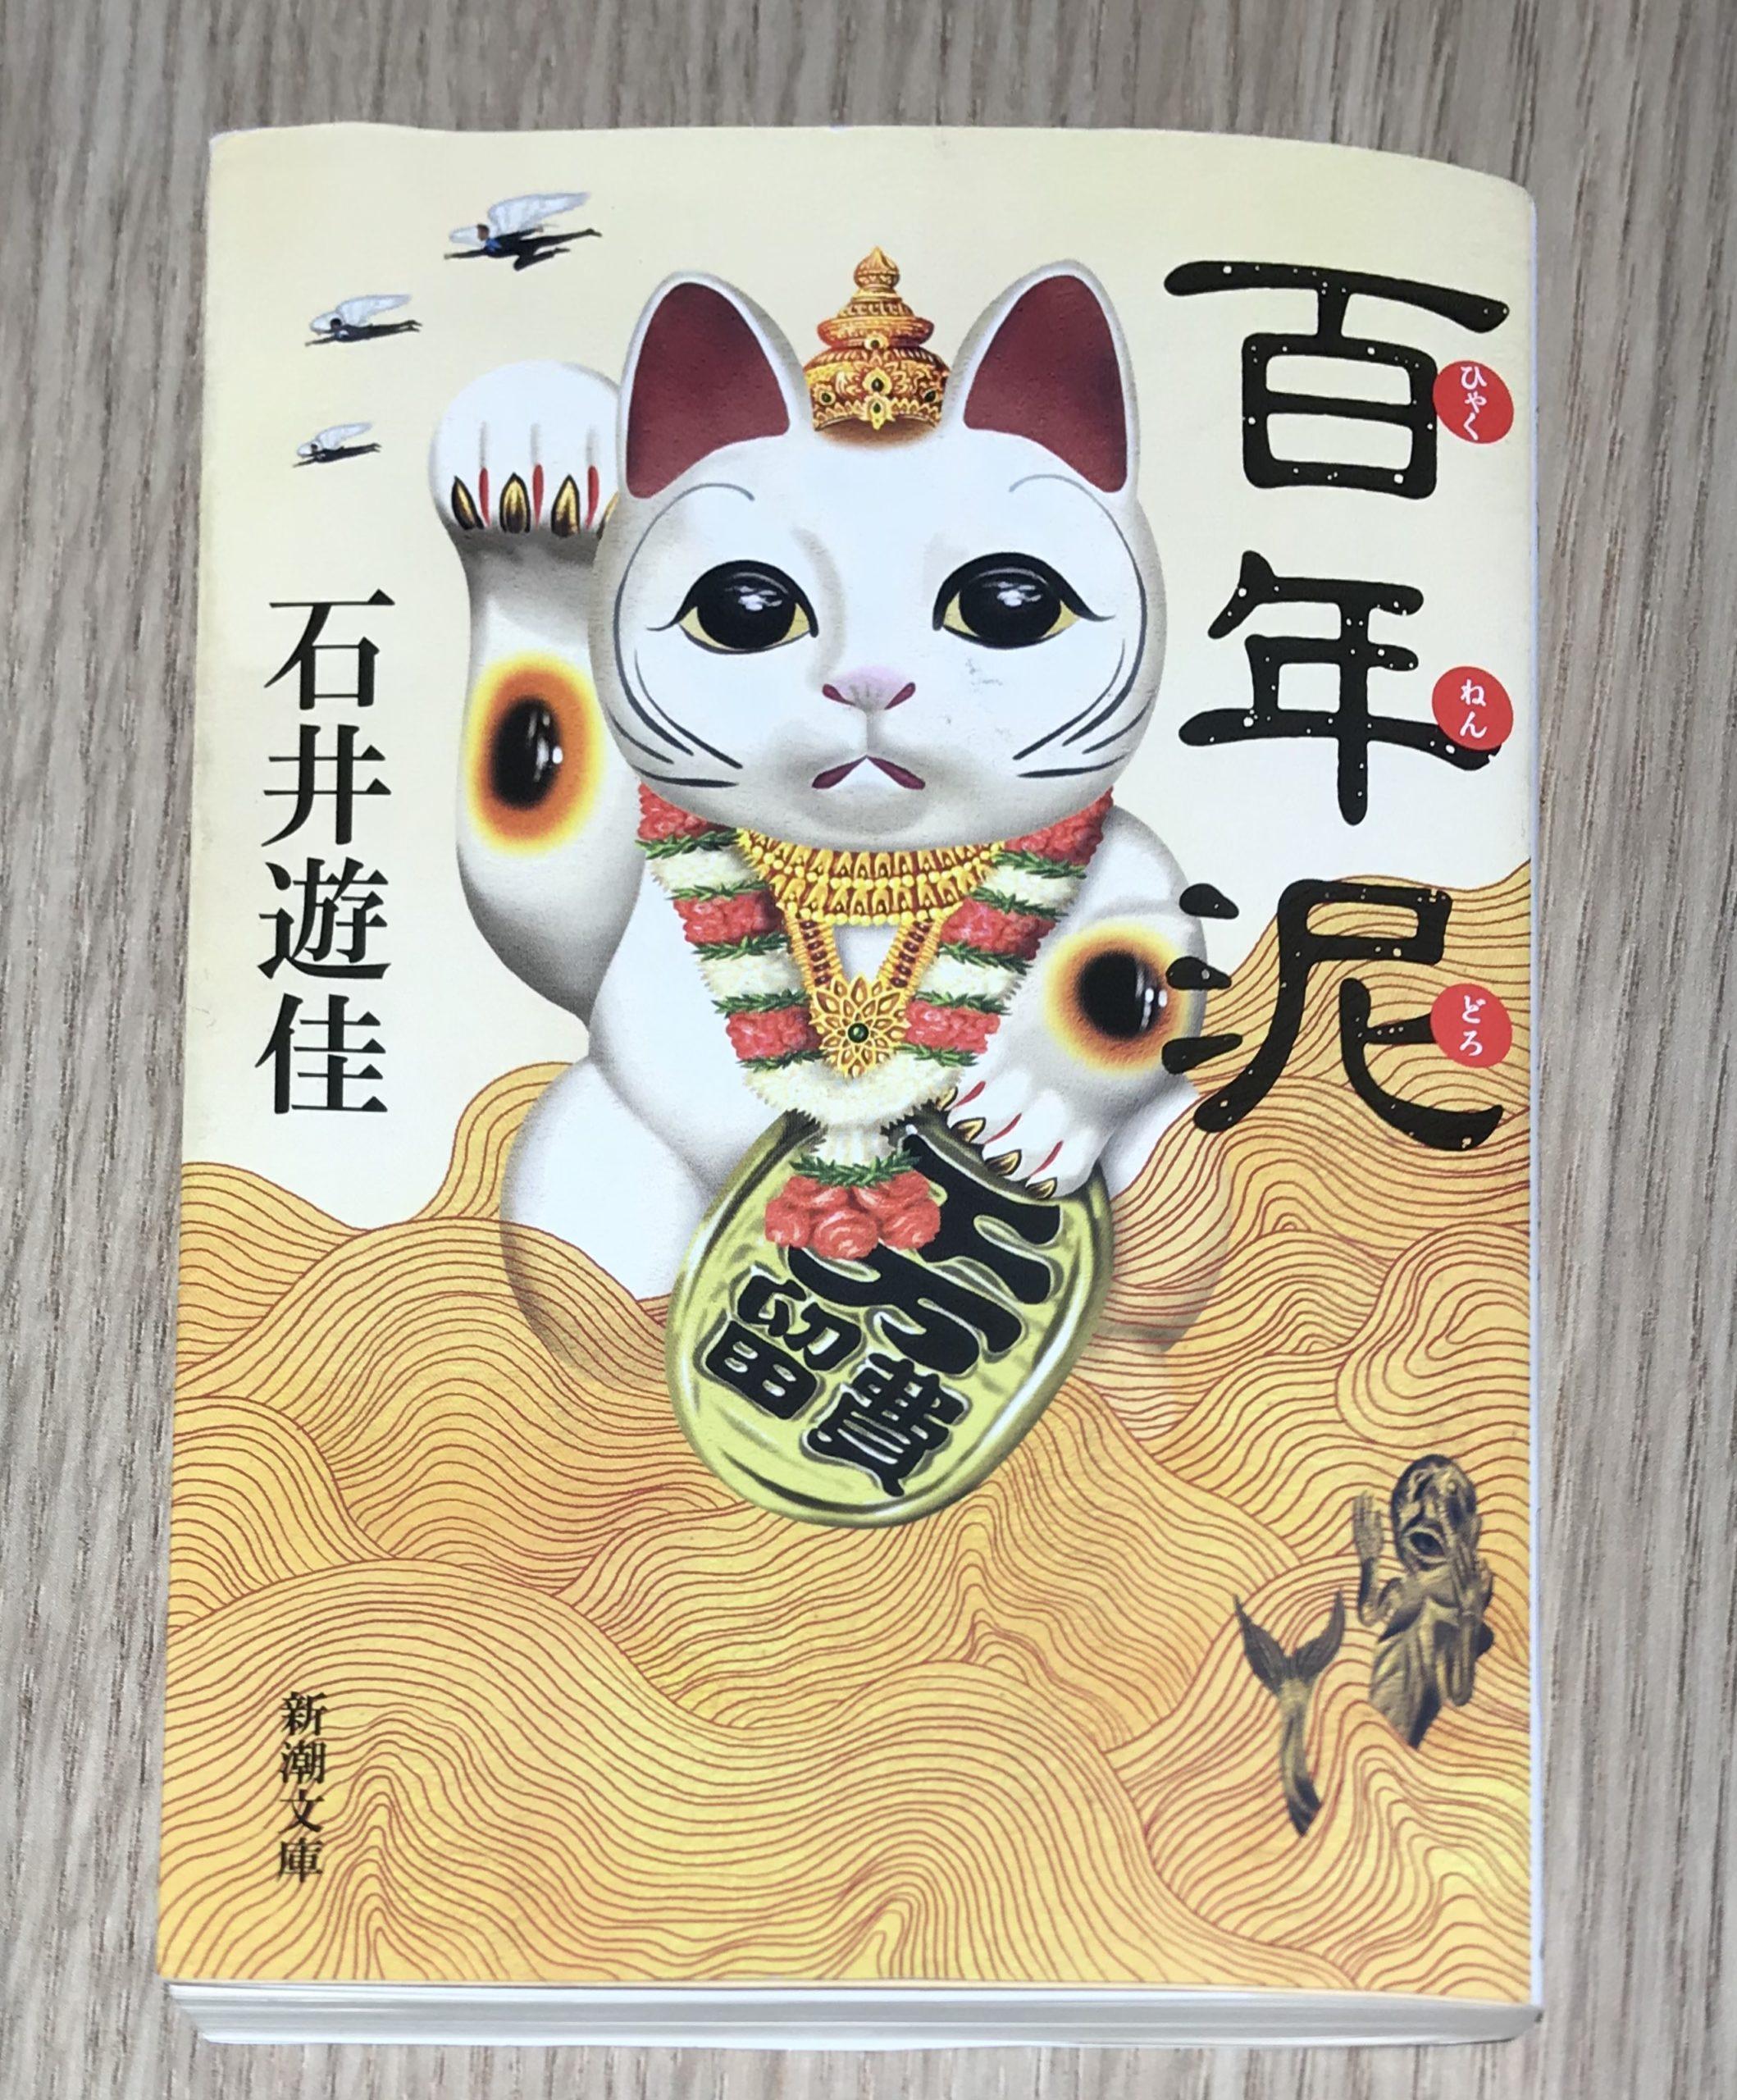 Book cover of Hyakunen-doro